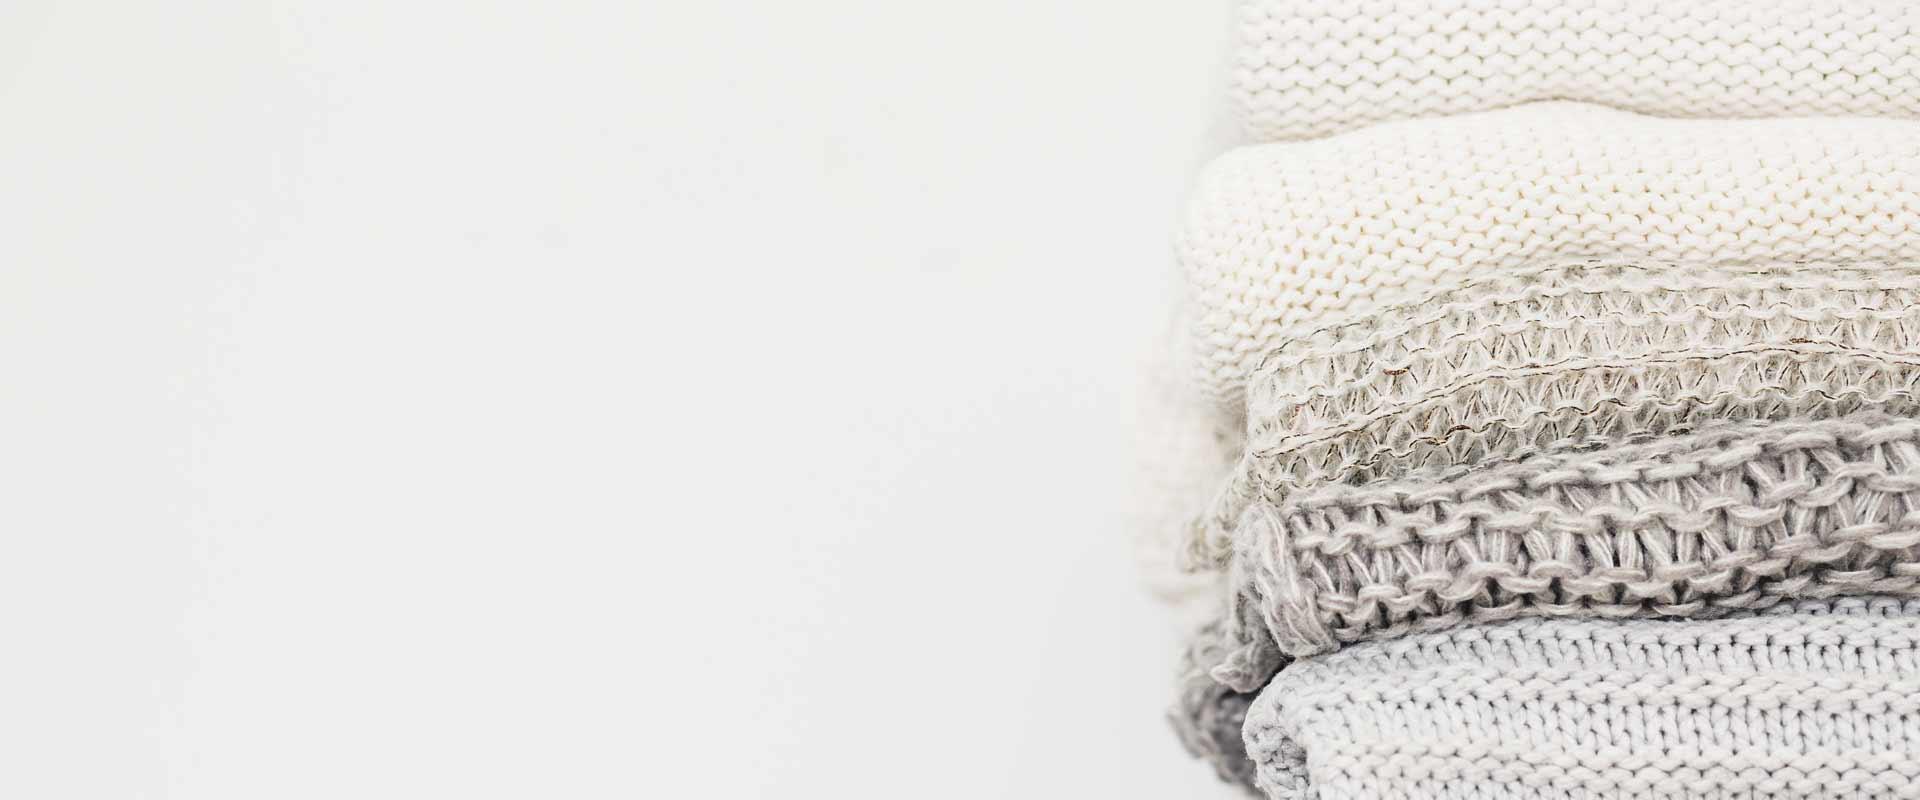 De trui van petflessen en waarom dat precies het probleem is